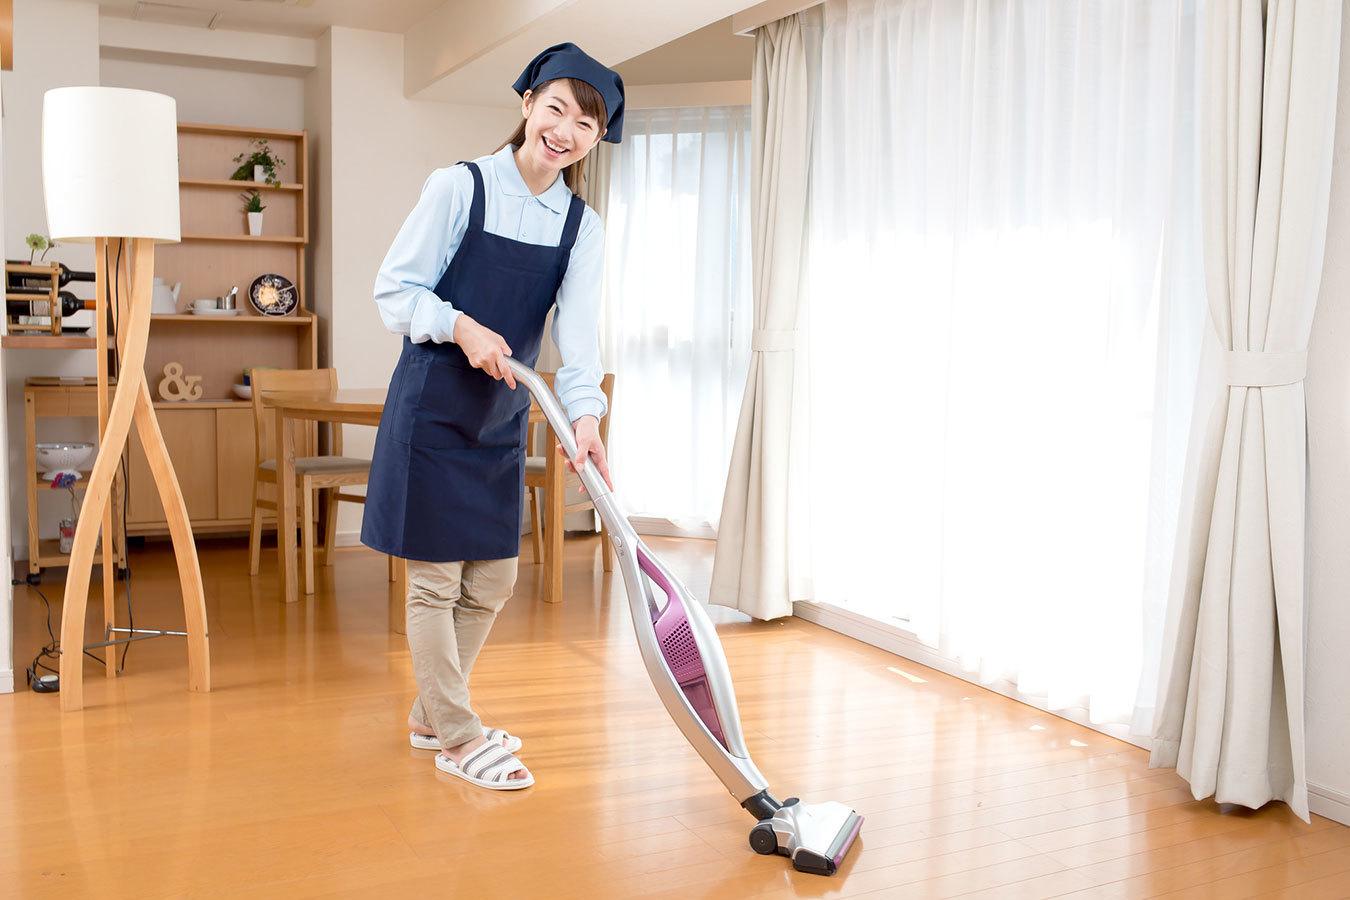 家事代行のメリット・費用は?家事代行活用術を徹底解説